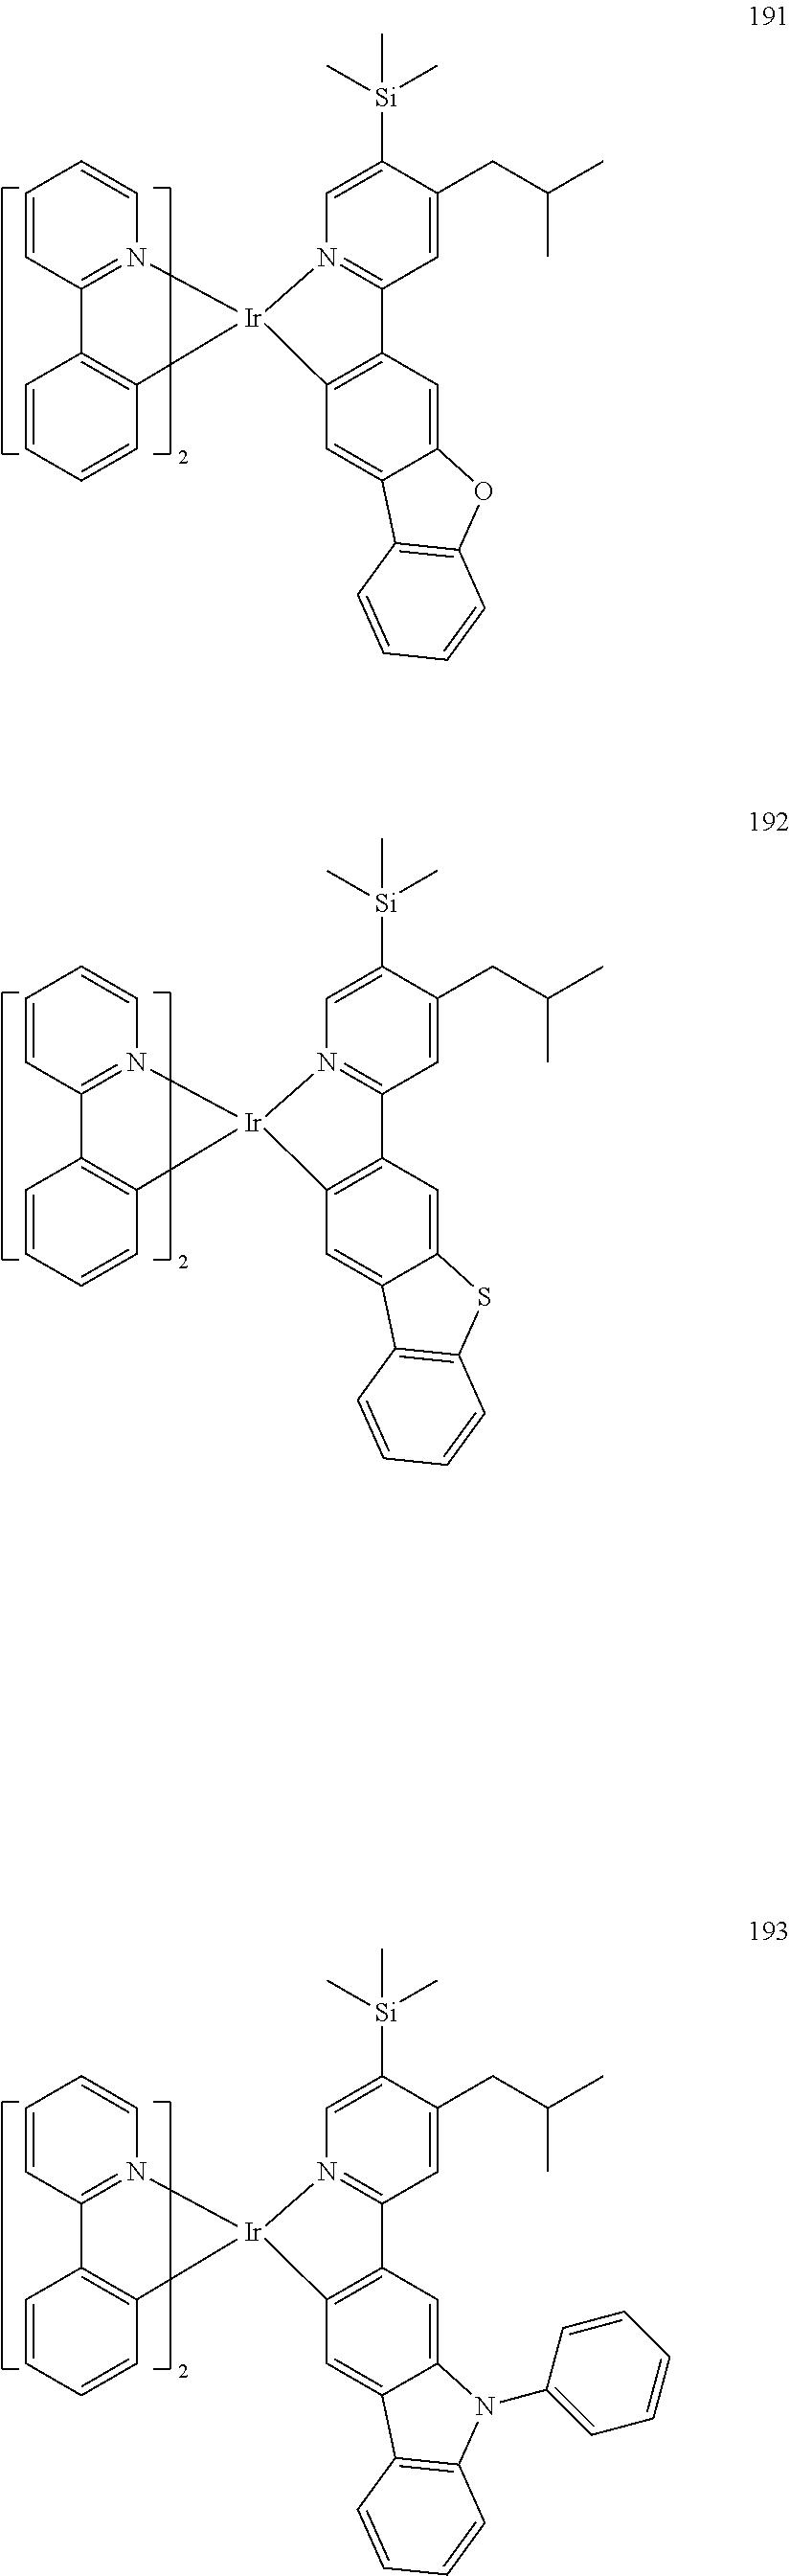 Figure US20160155962A1-20160602-C00117